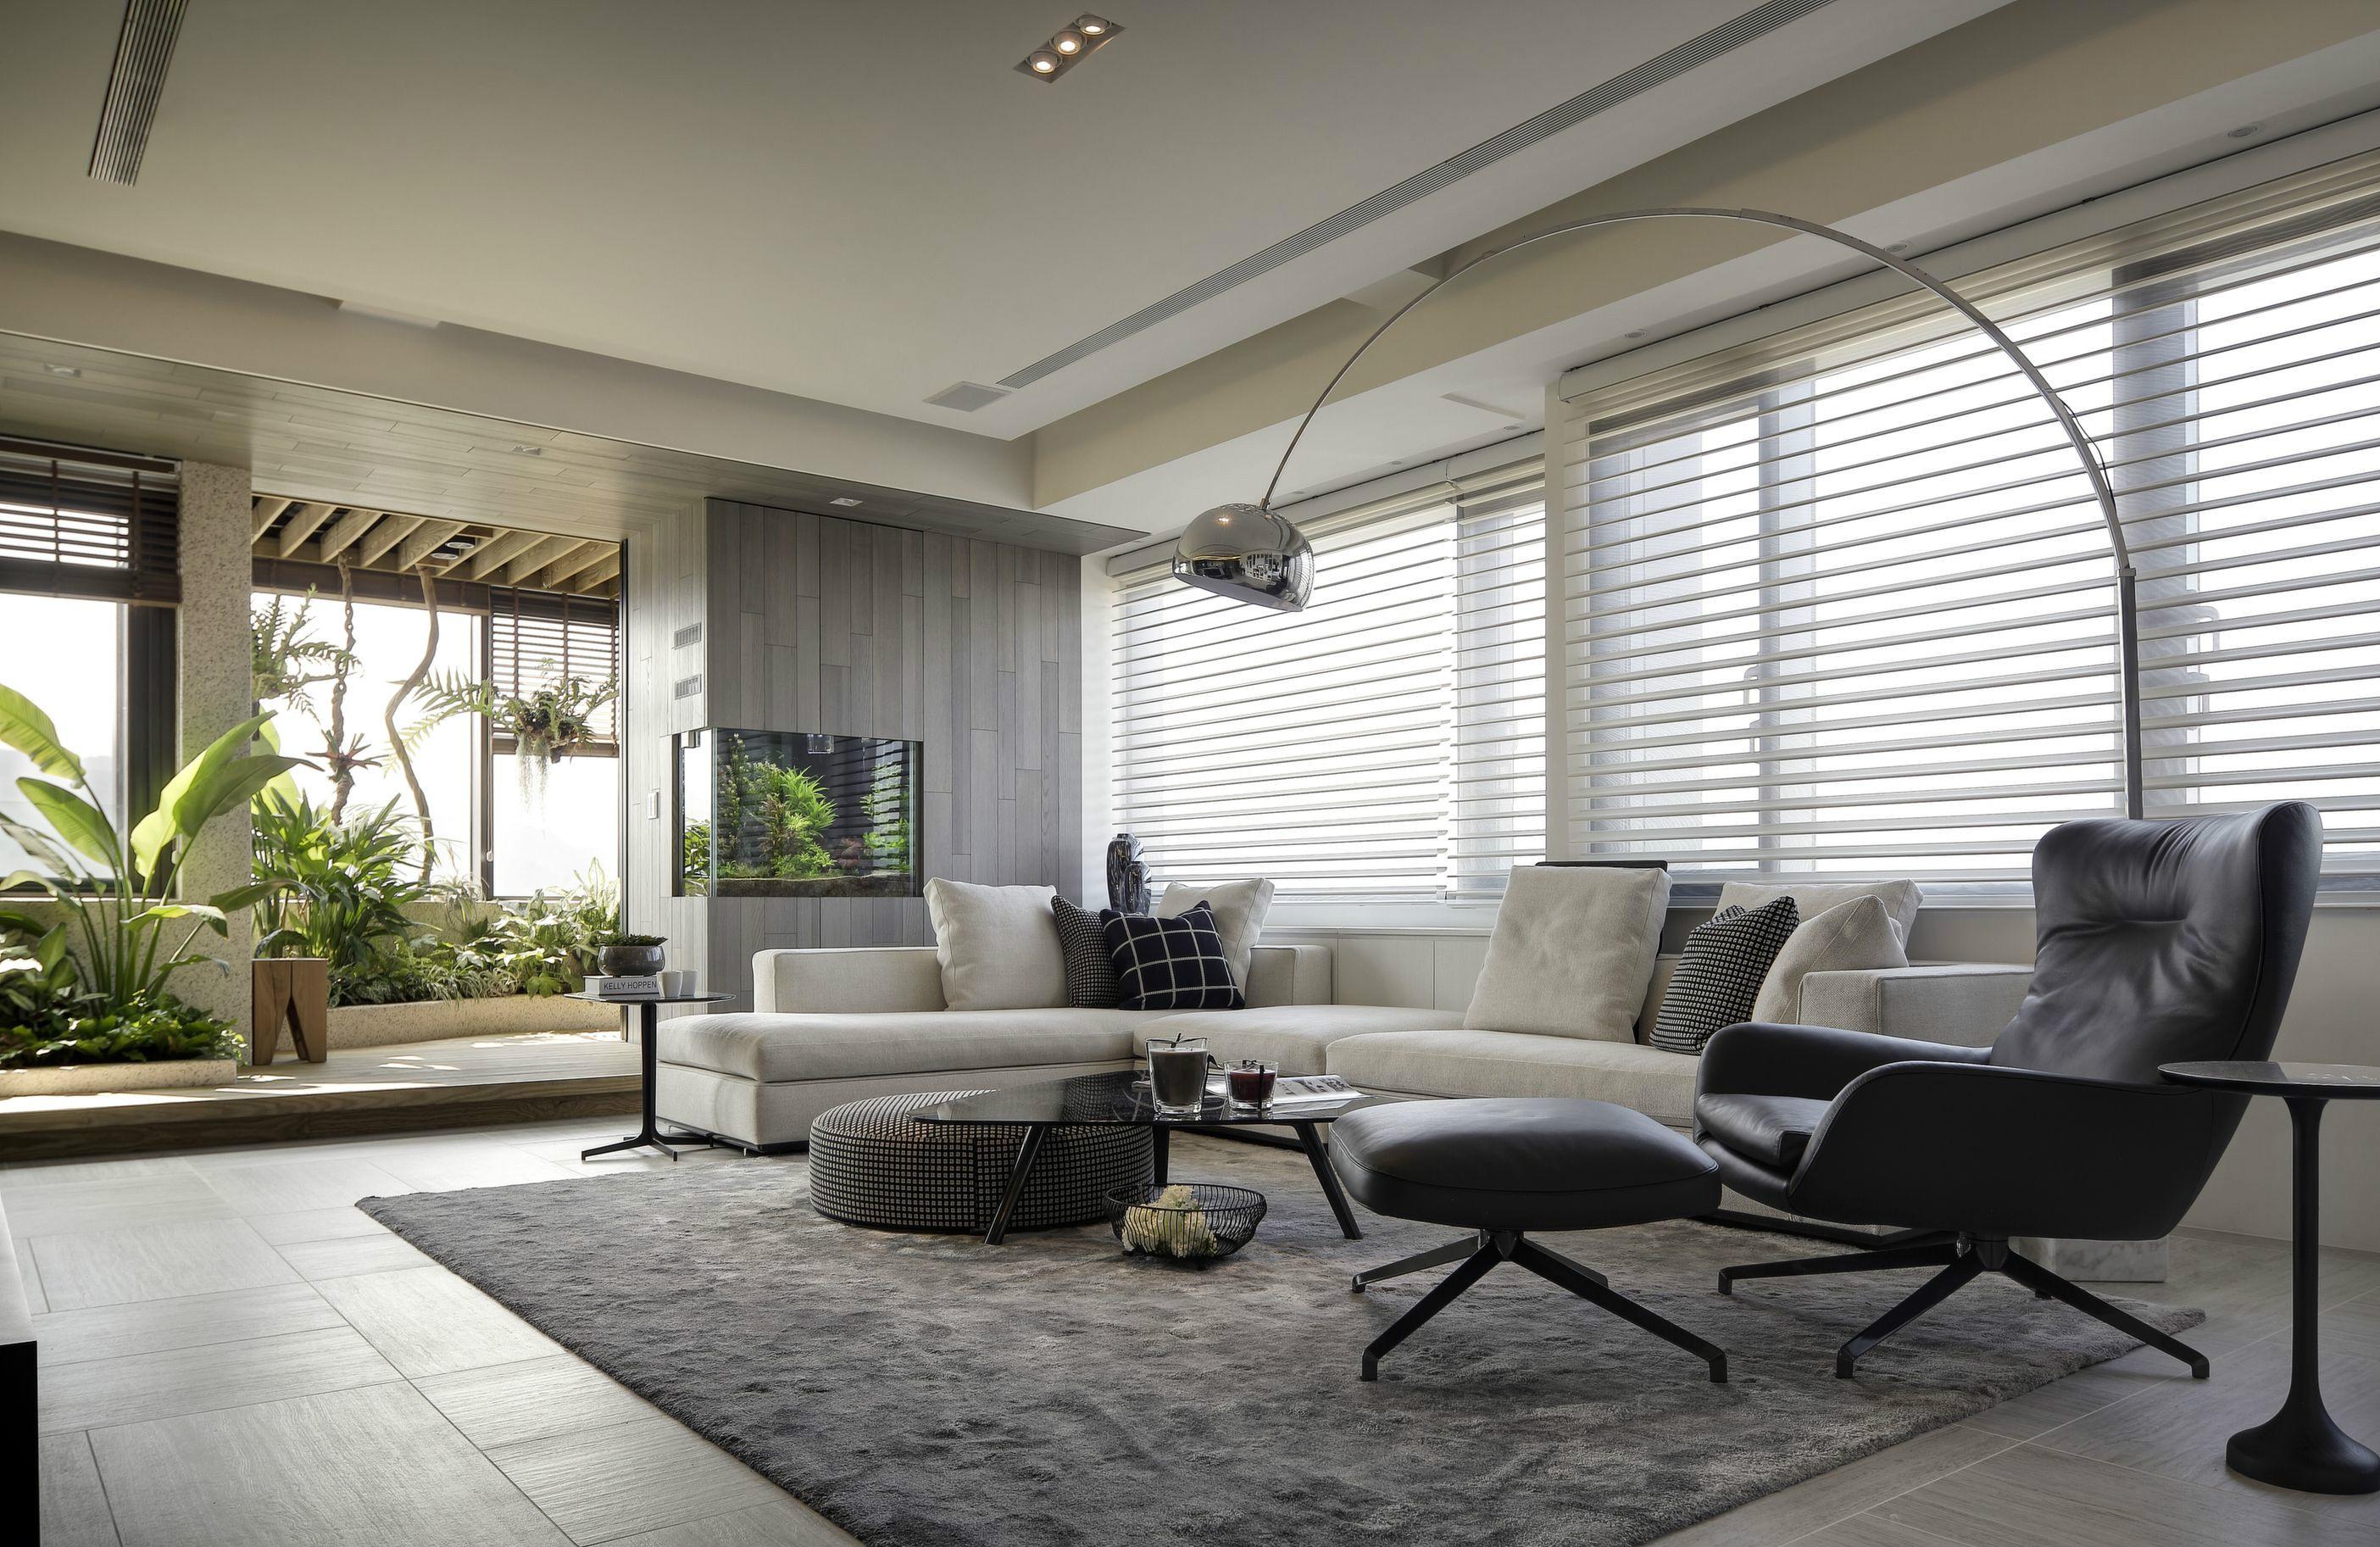 后现代风格大户型装修沙发布置图